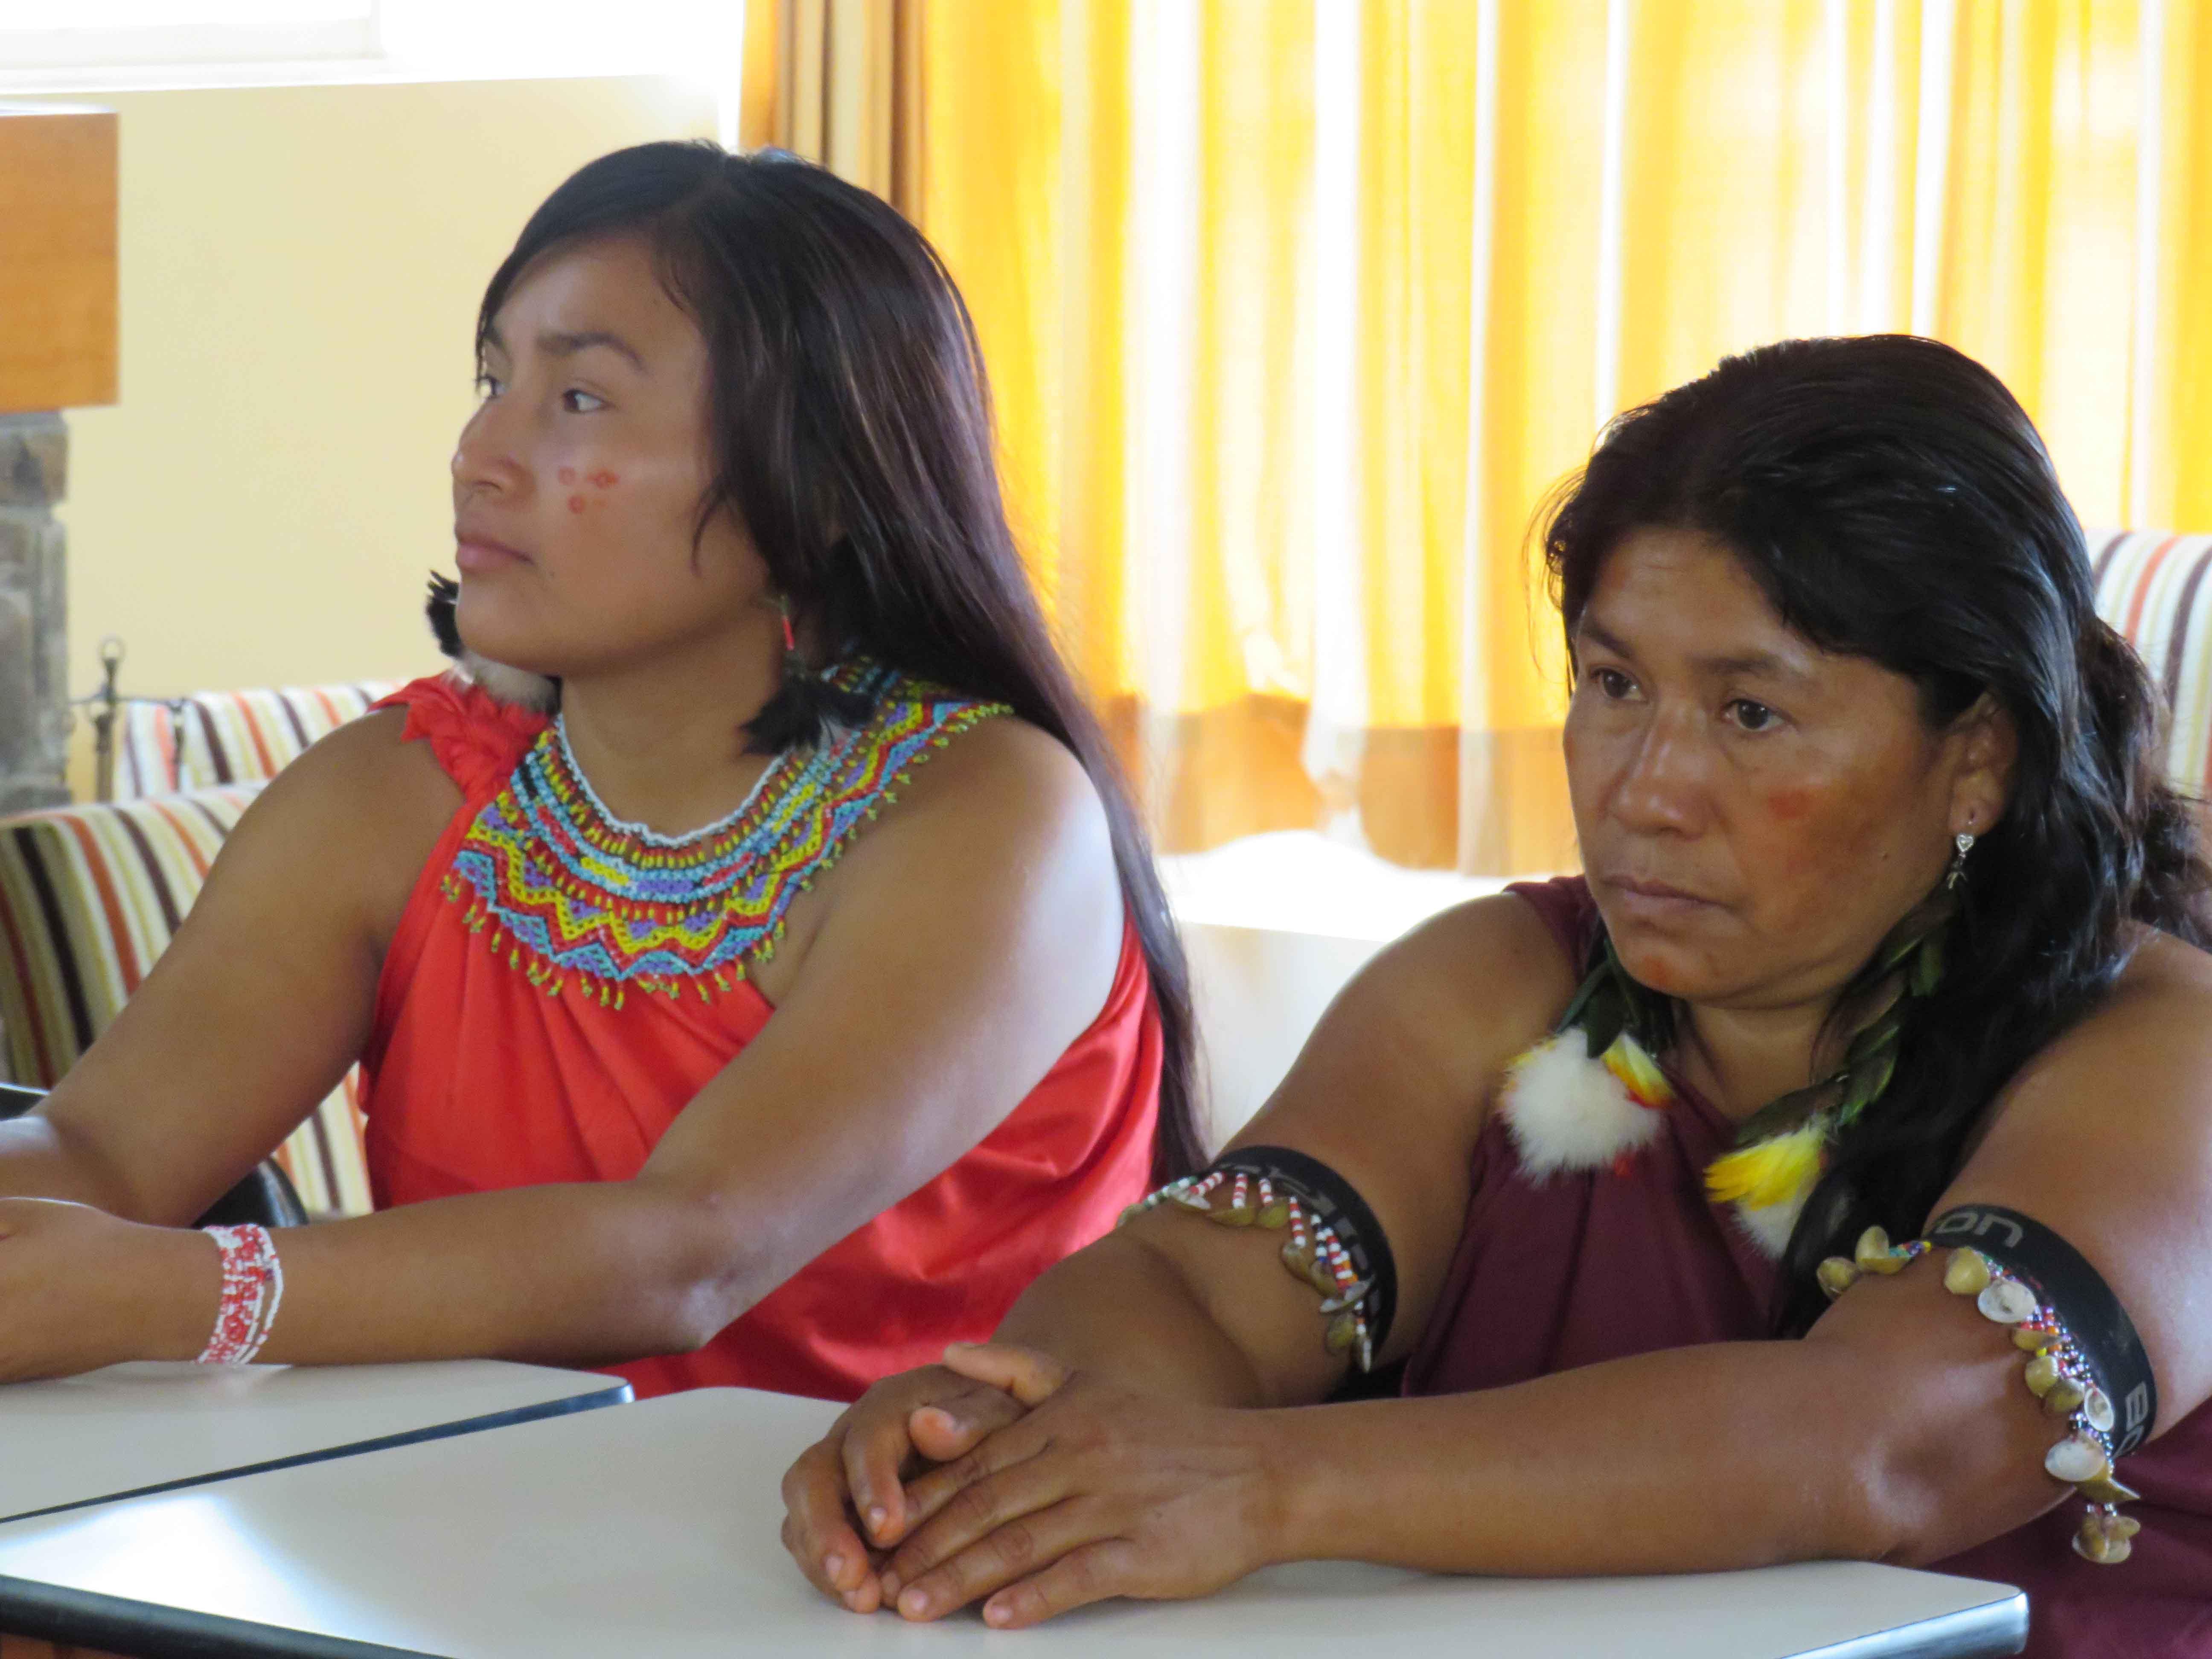 GTANW realizó con éxito el taller de Mujeres Wampis frente al cambio climático